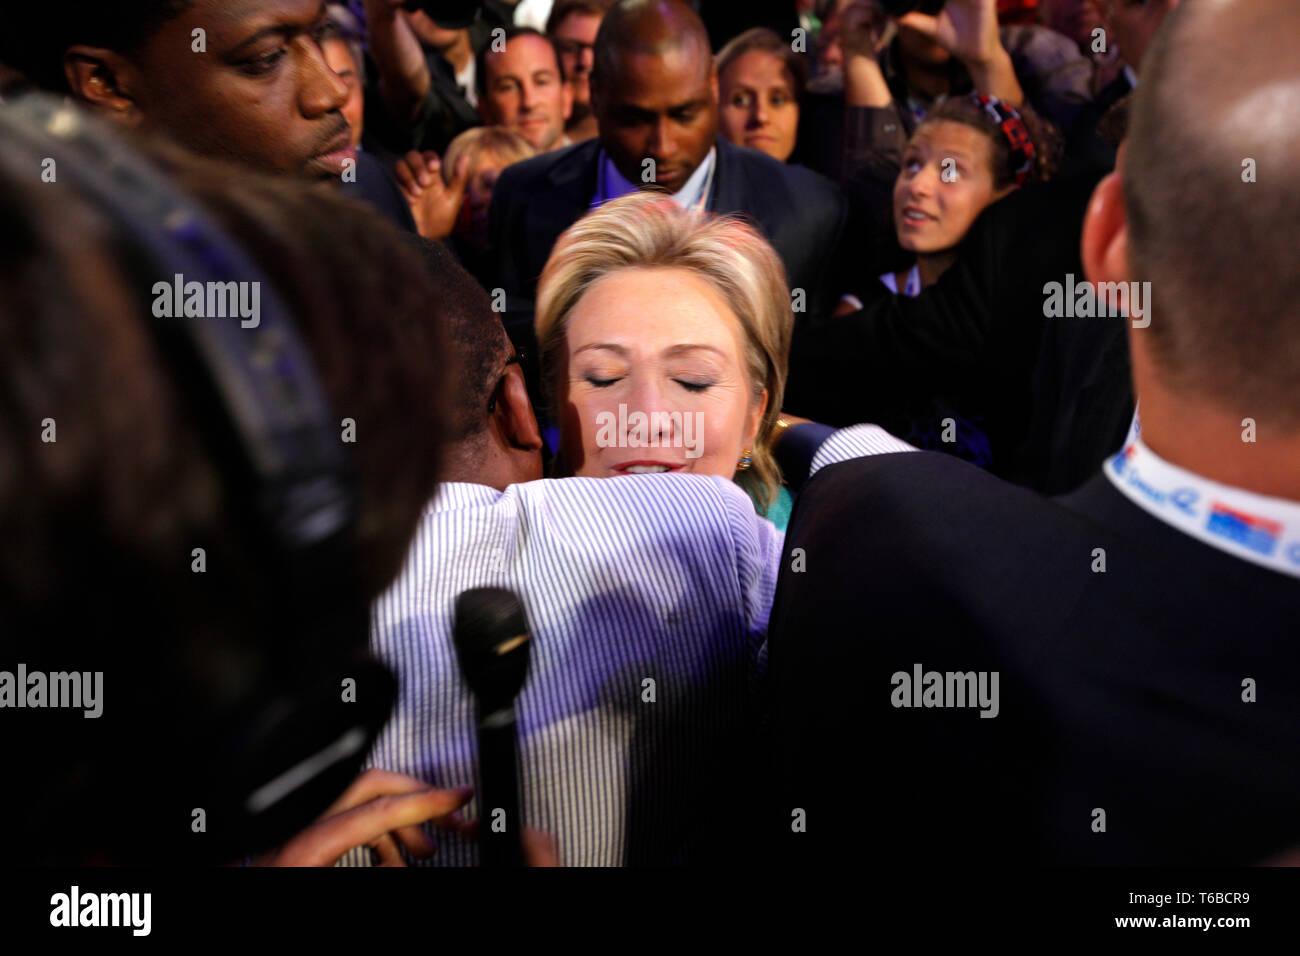 La Convention DNC à Denver, Obama leur candidat. La Sénatrice de New York Hillary Clinton a plaidé pour que l'appel décidé par acclamation. Photo Stock